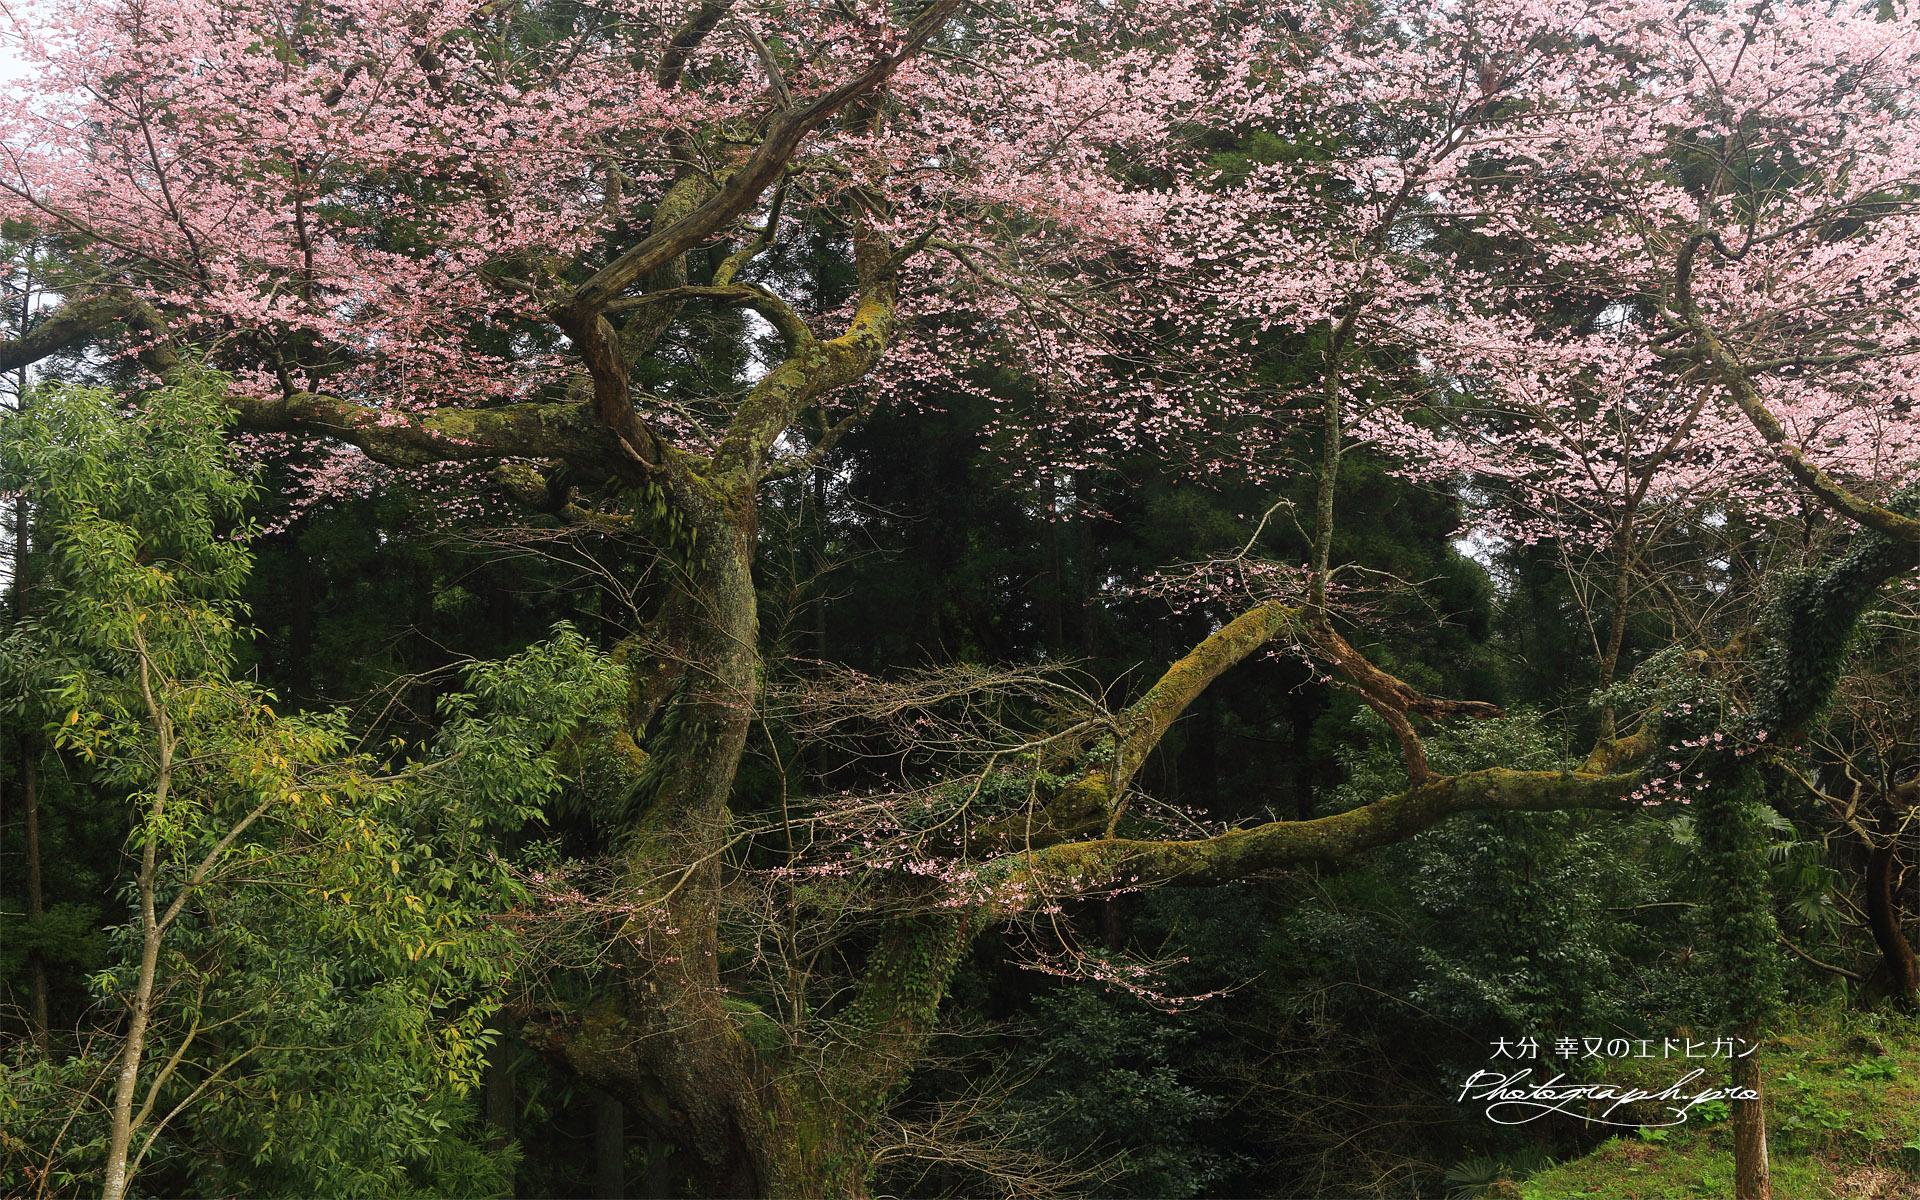 幸又の千年桜